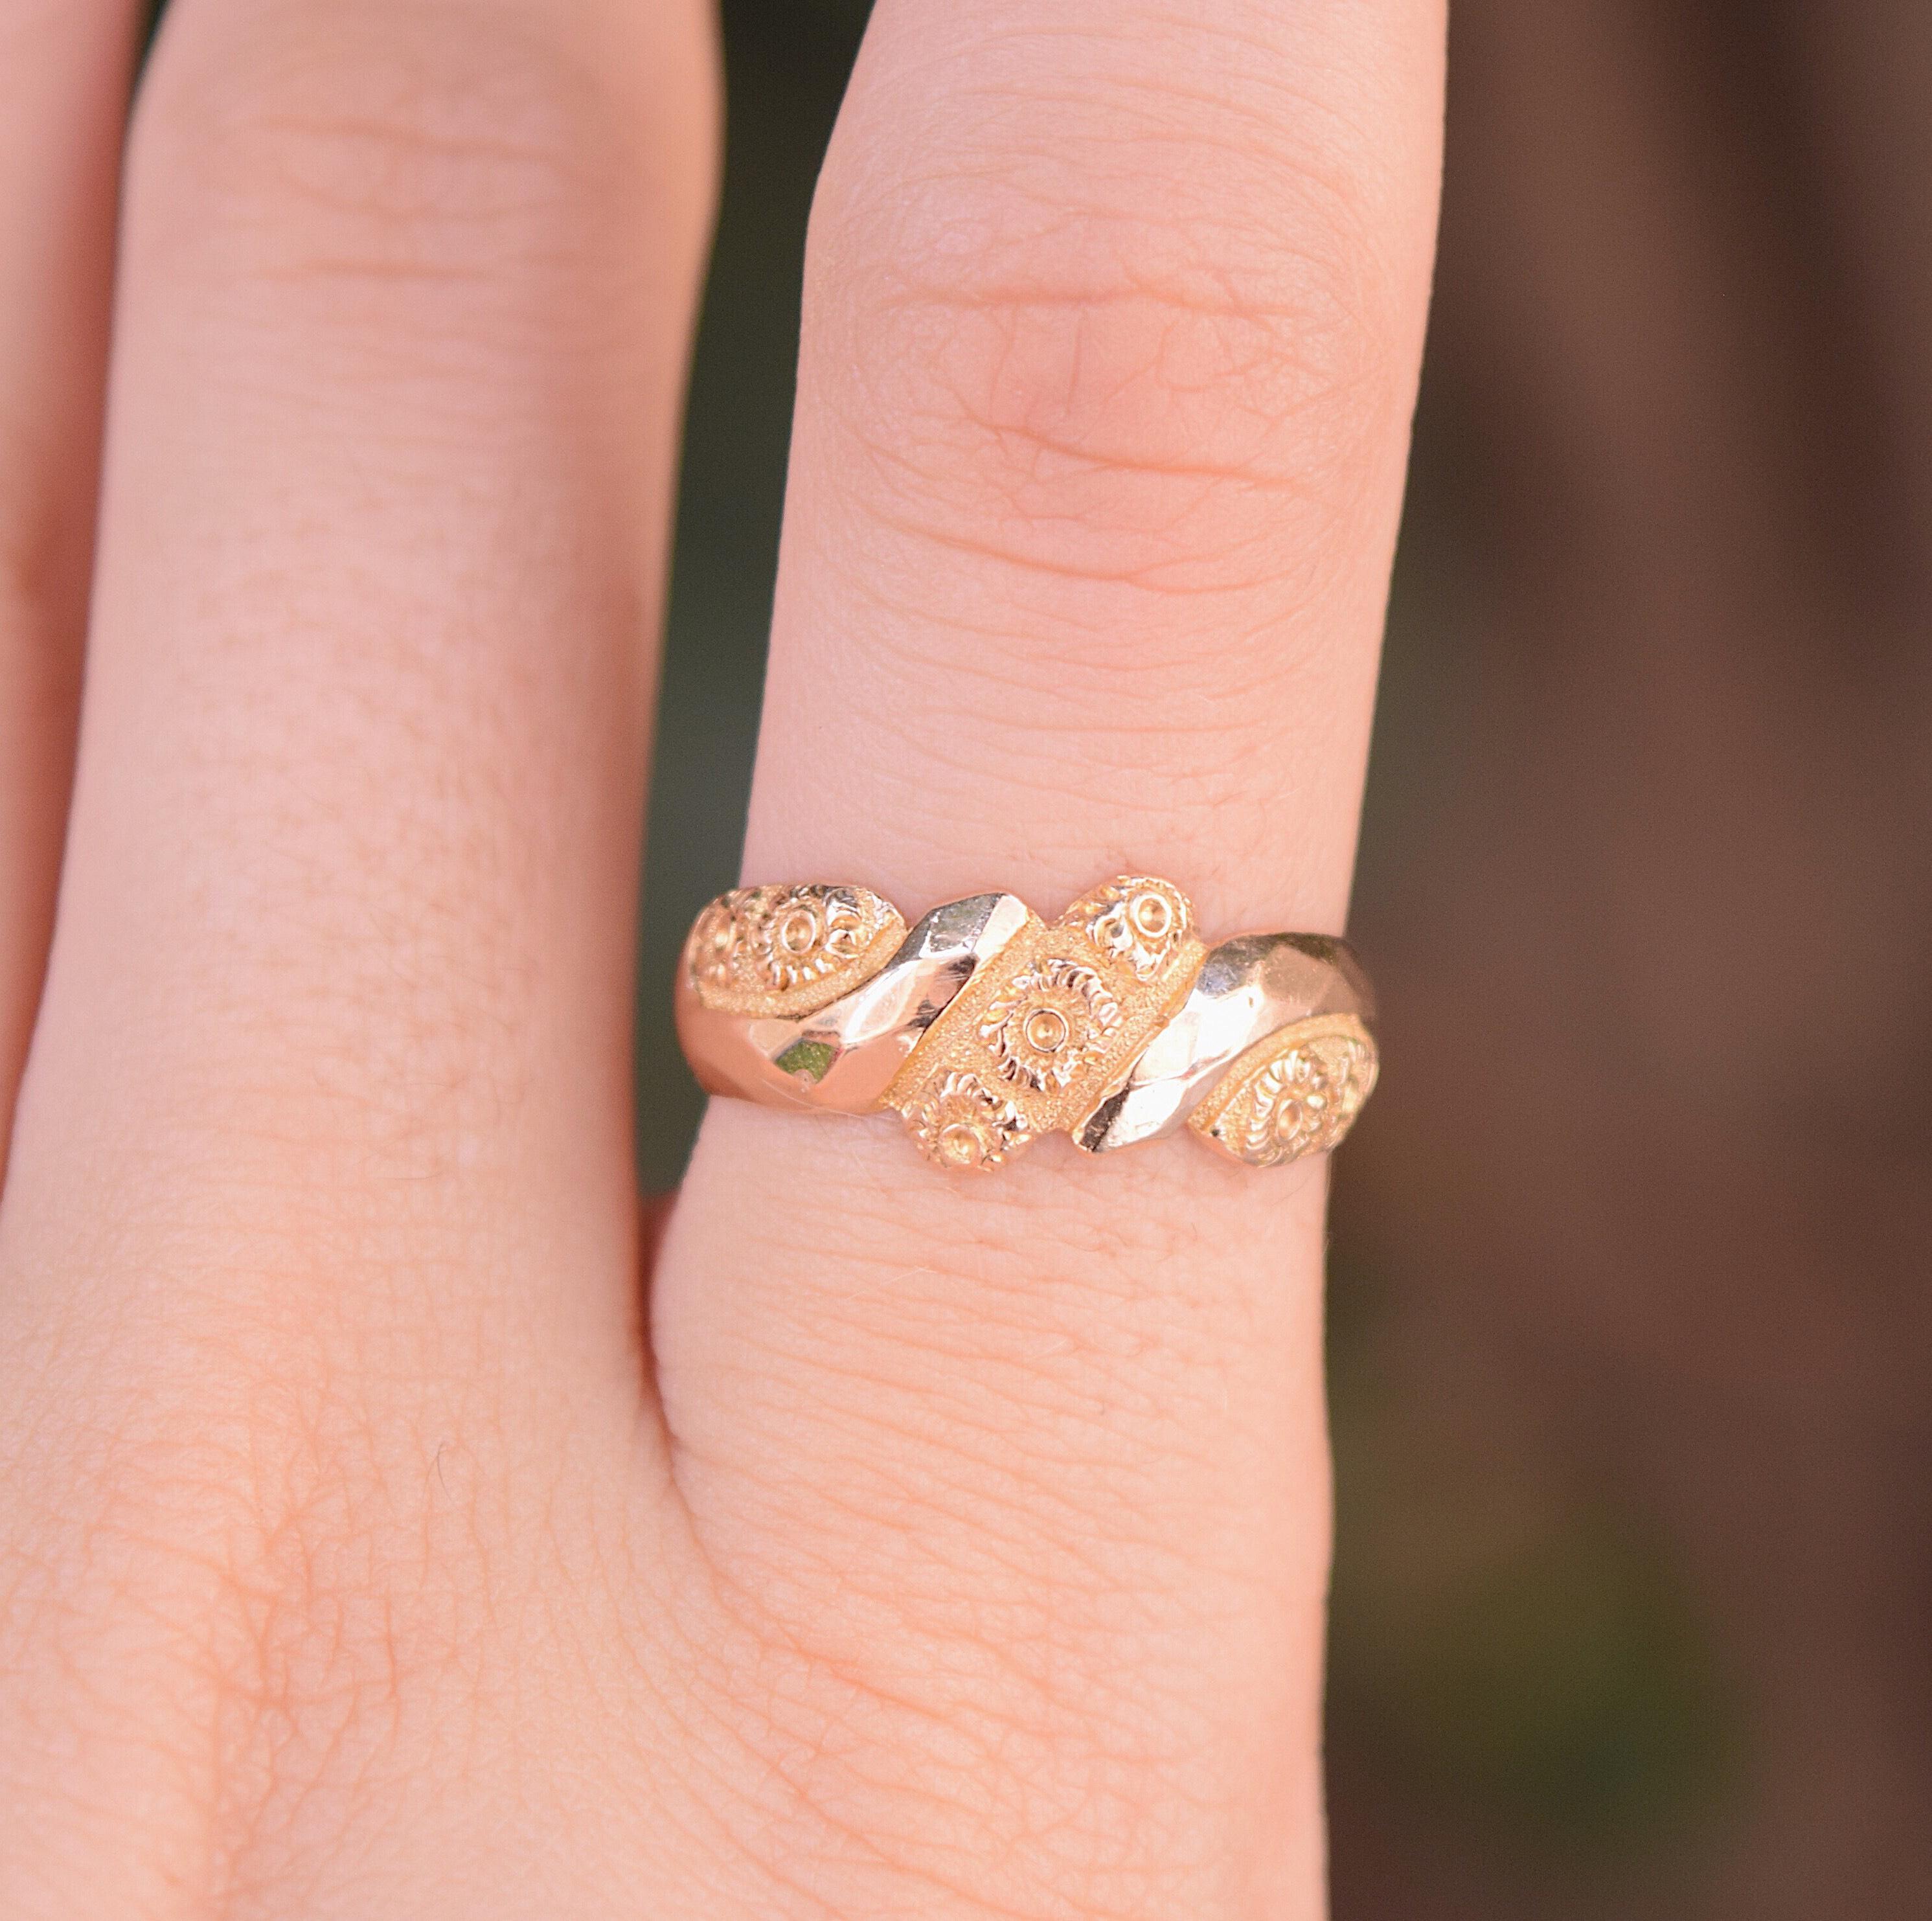 טבעת קיפר עתיקה עם פרחי זכריני.